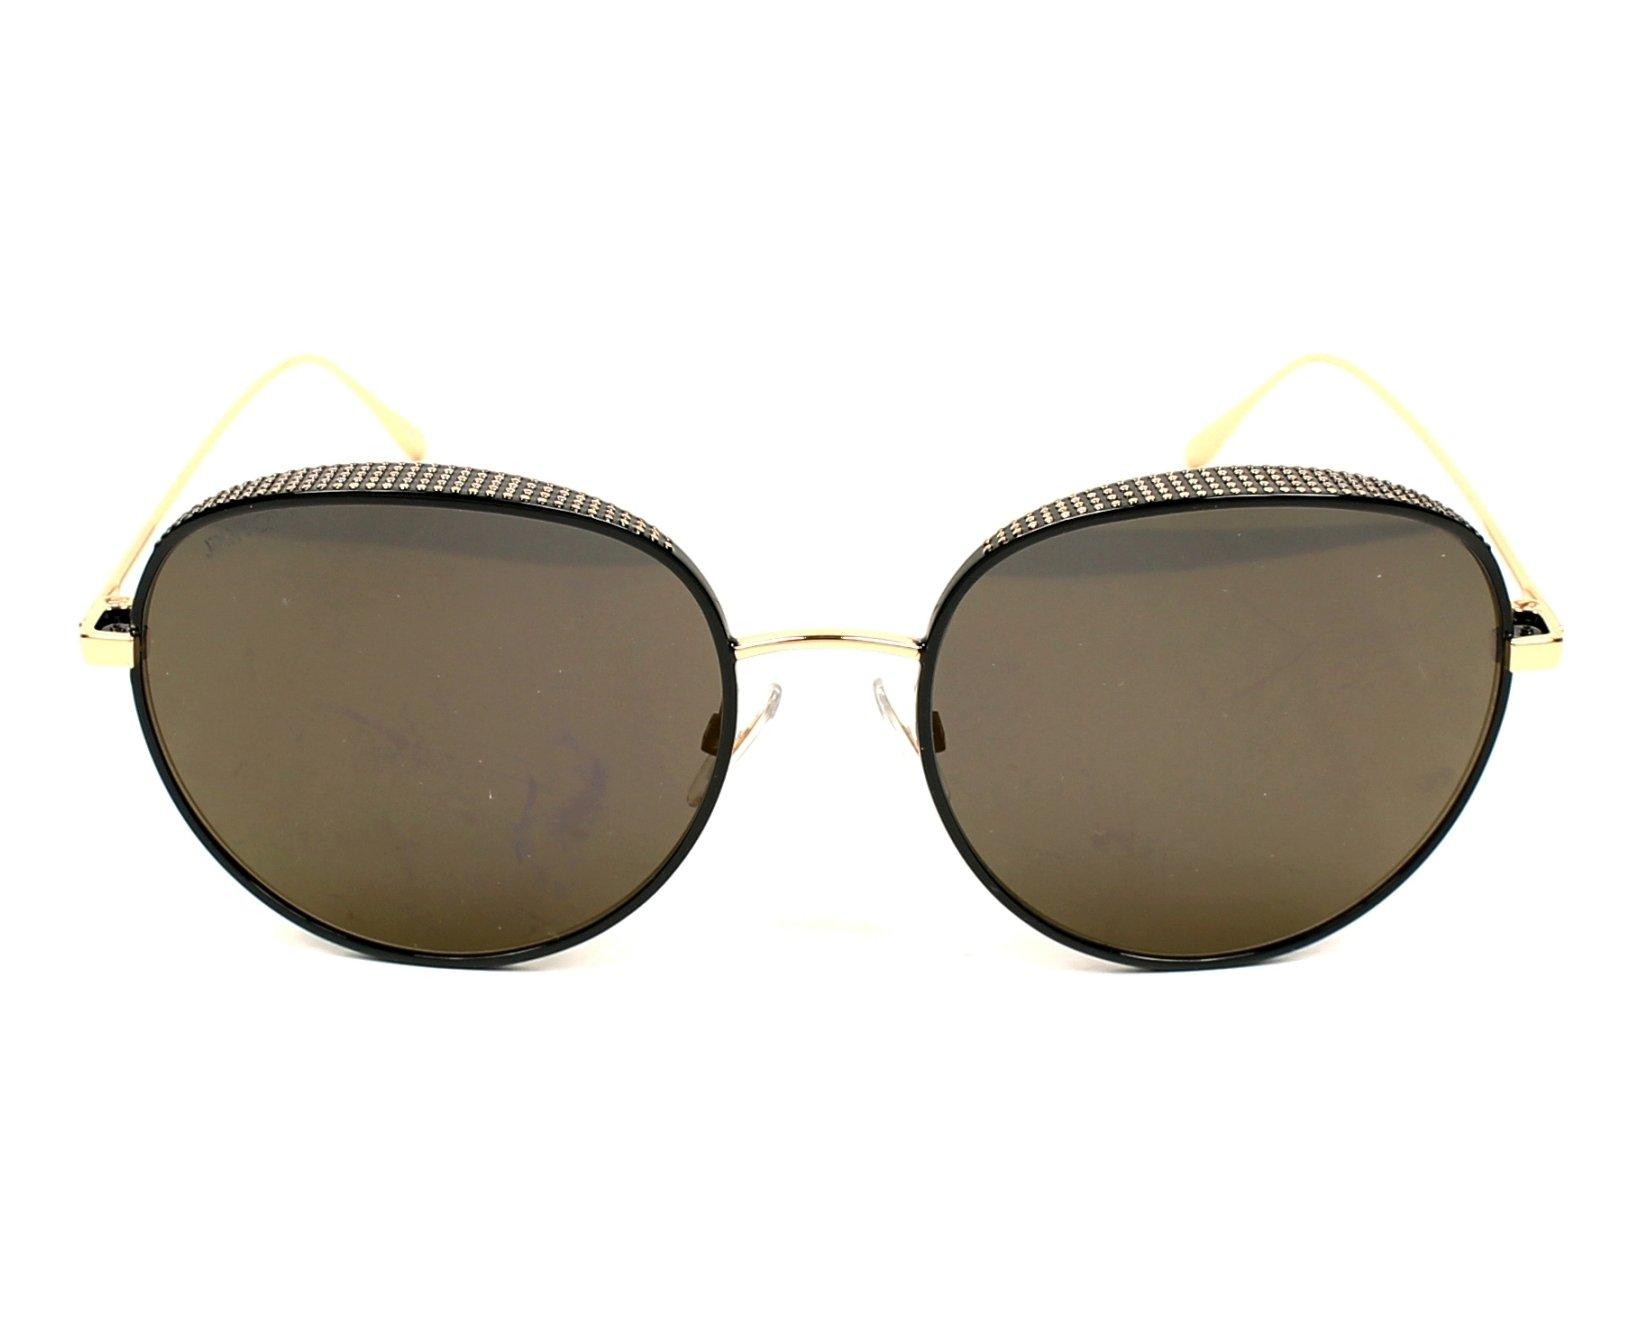 70d4f8f83fff Sunglasses Jimmy Choo ELLO-S PL0 HJ 56-18 Black Black front view